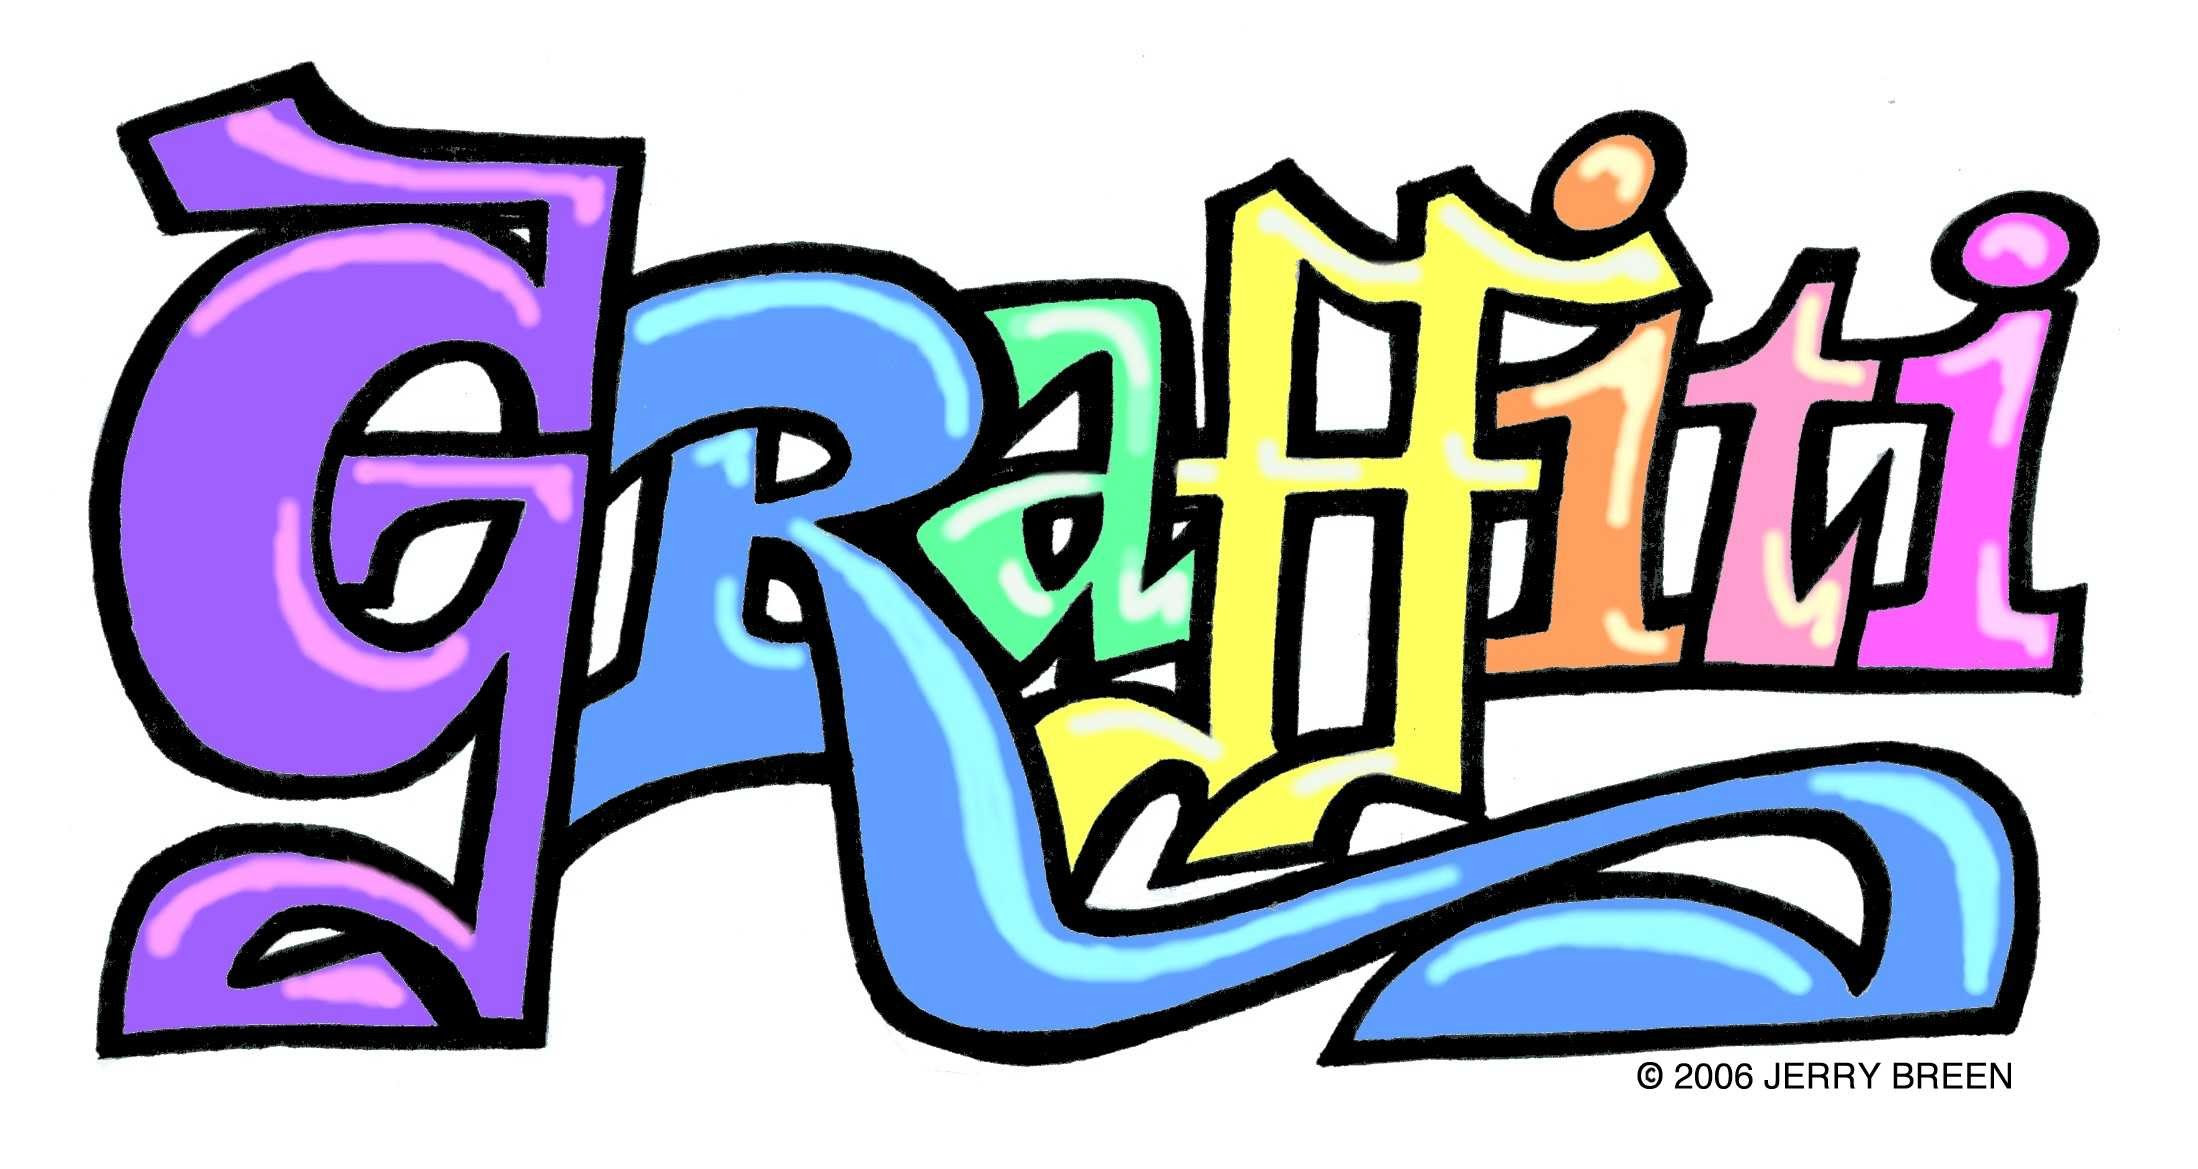 Logo breen graffitijpg